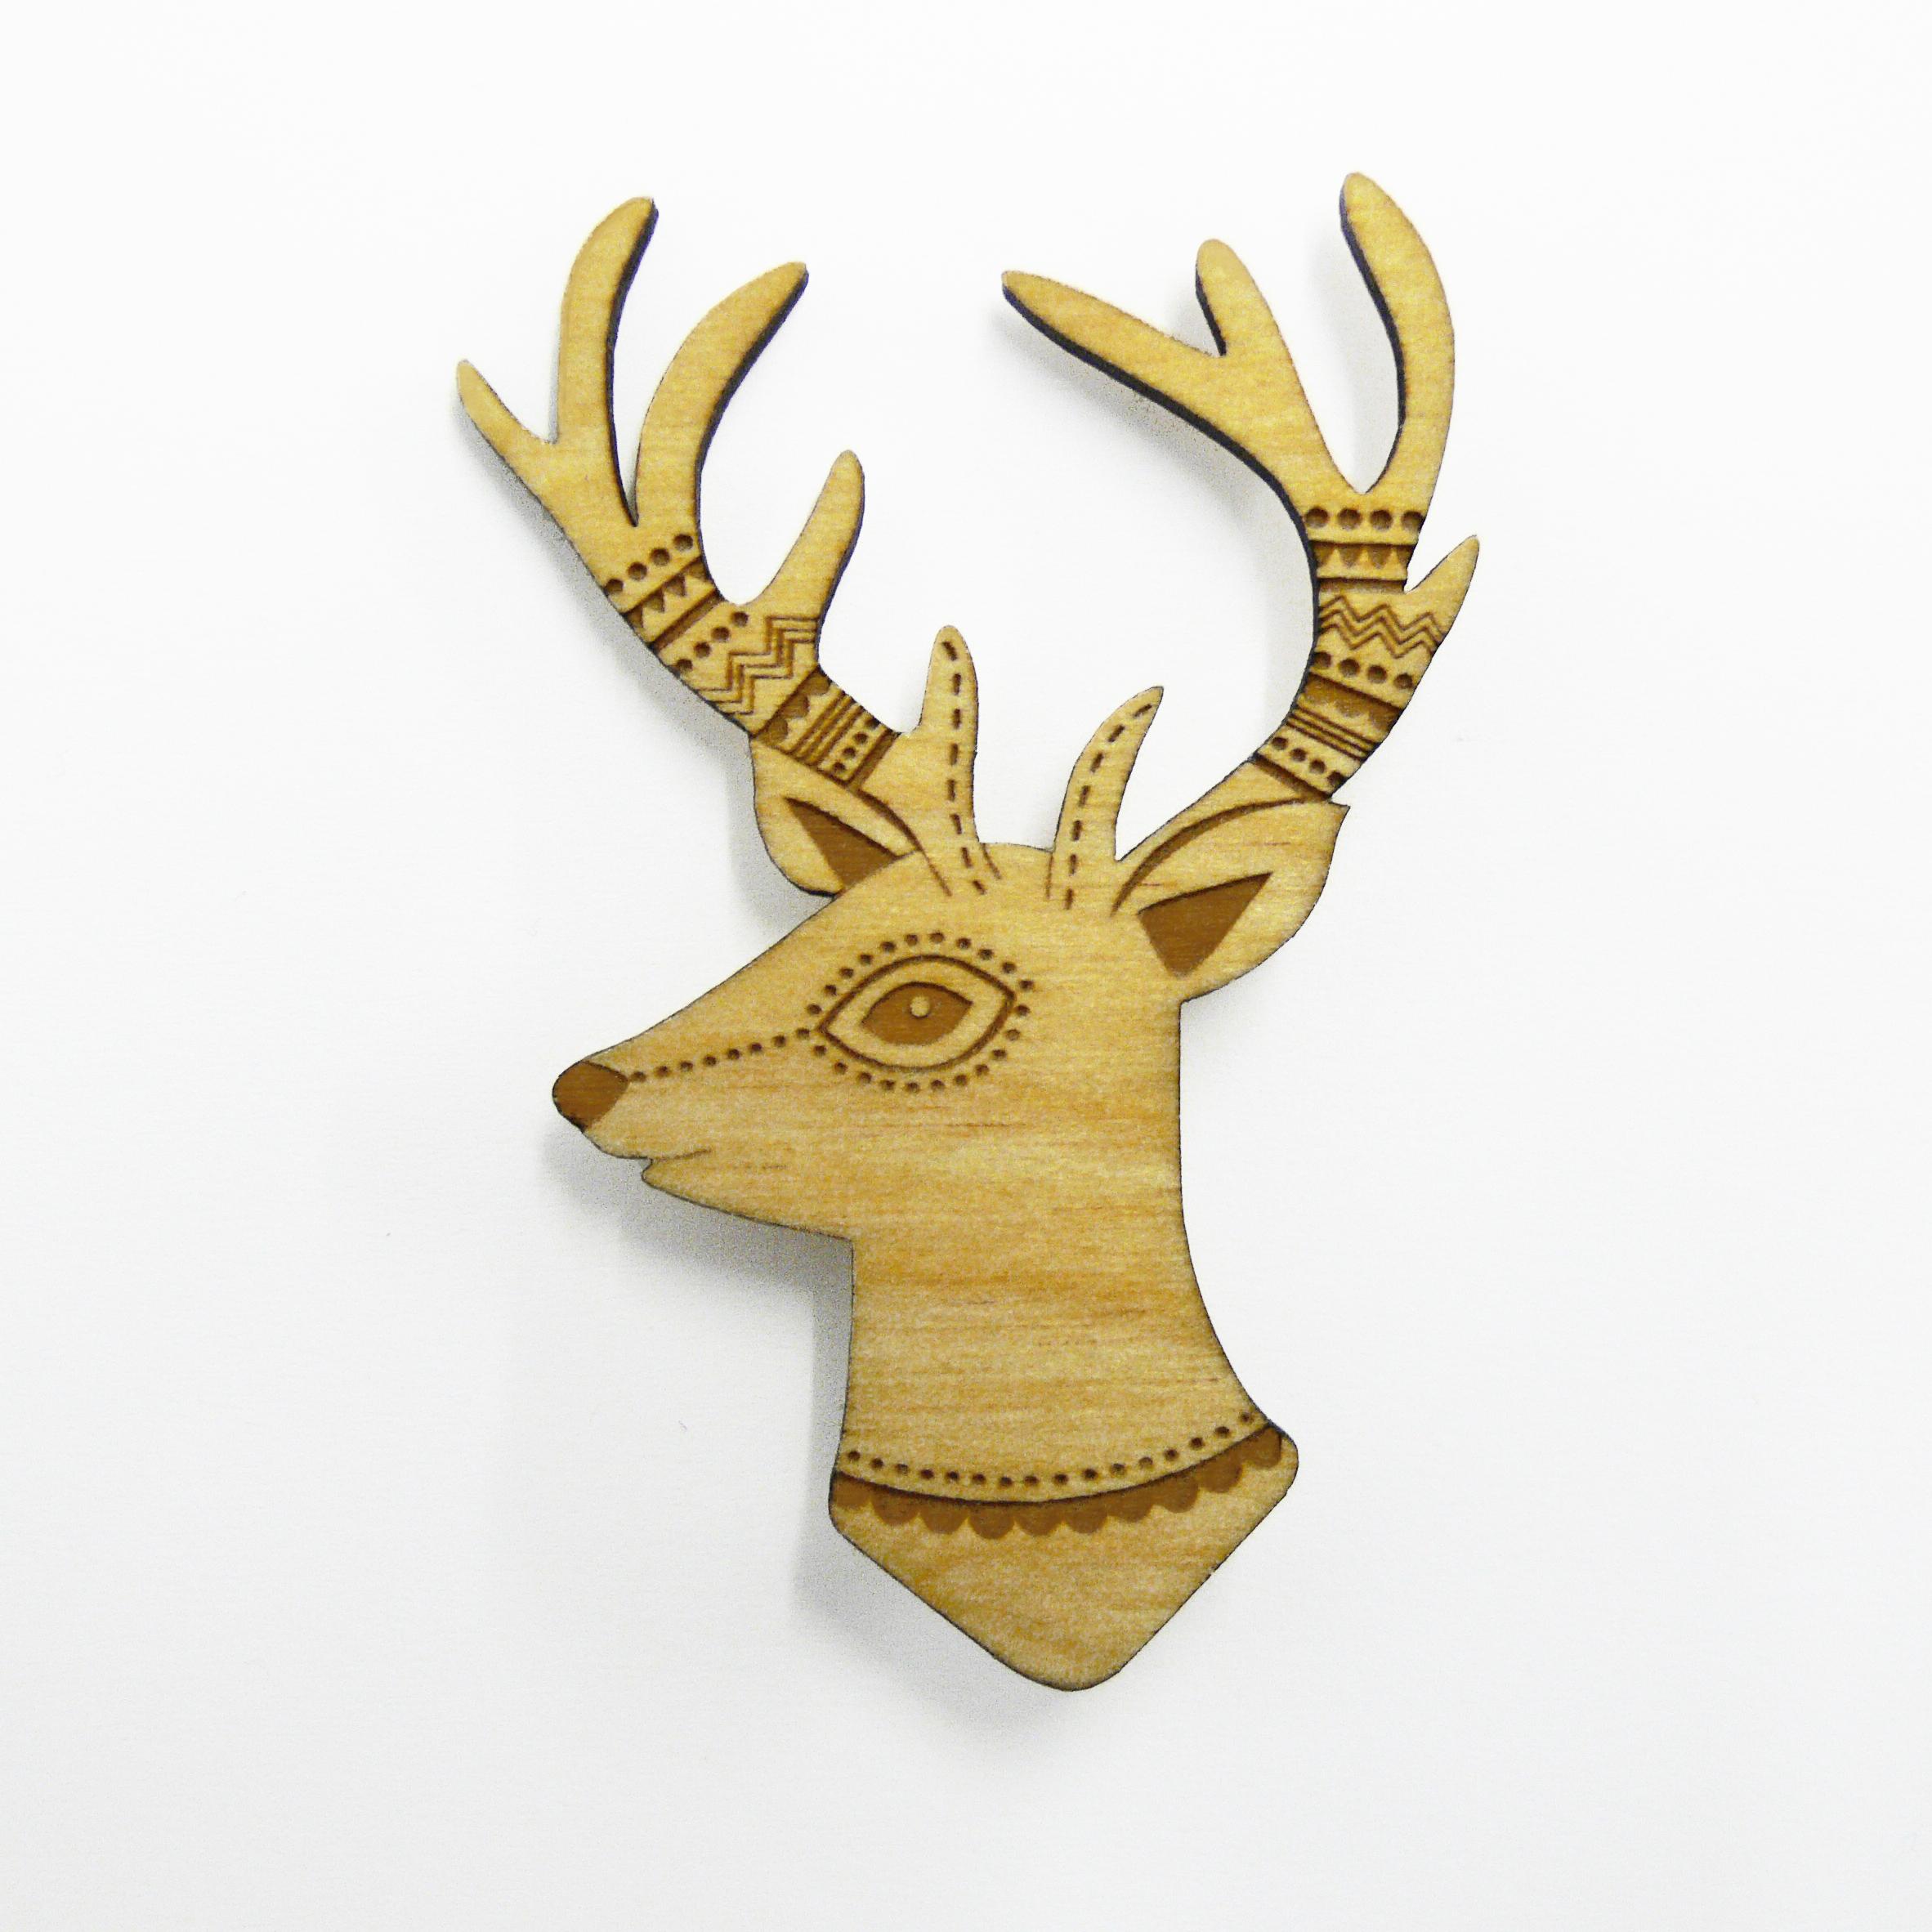 WFO1-deer-brooch-1.JPG